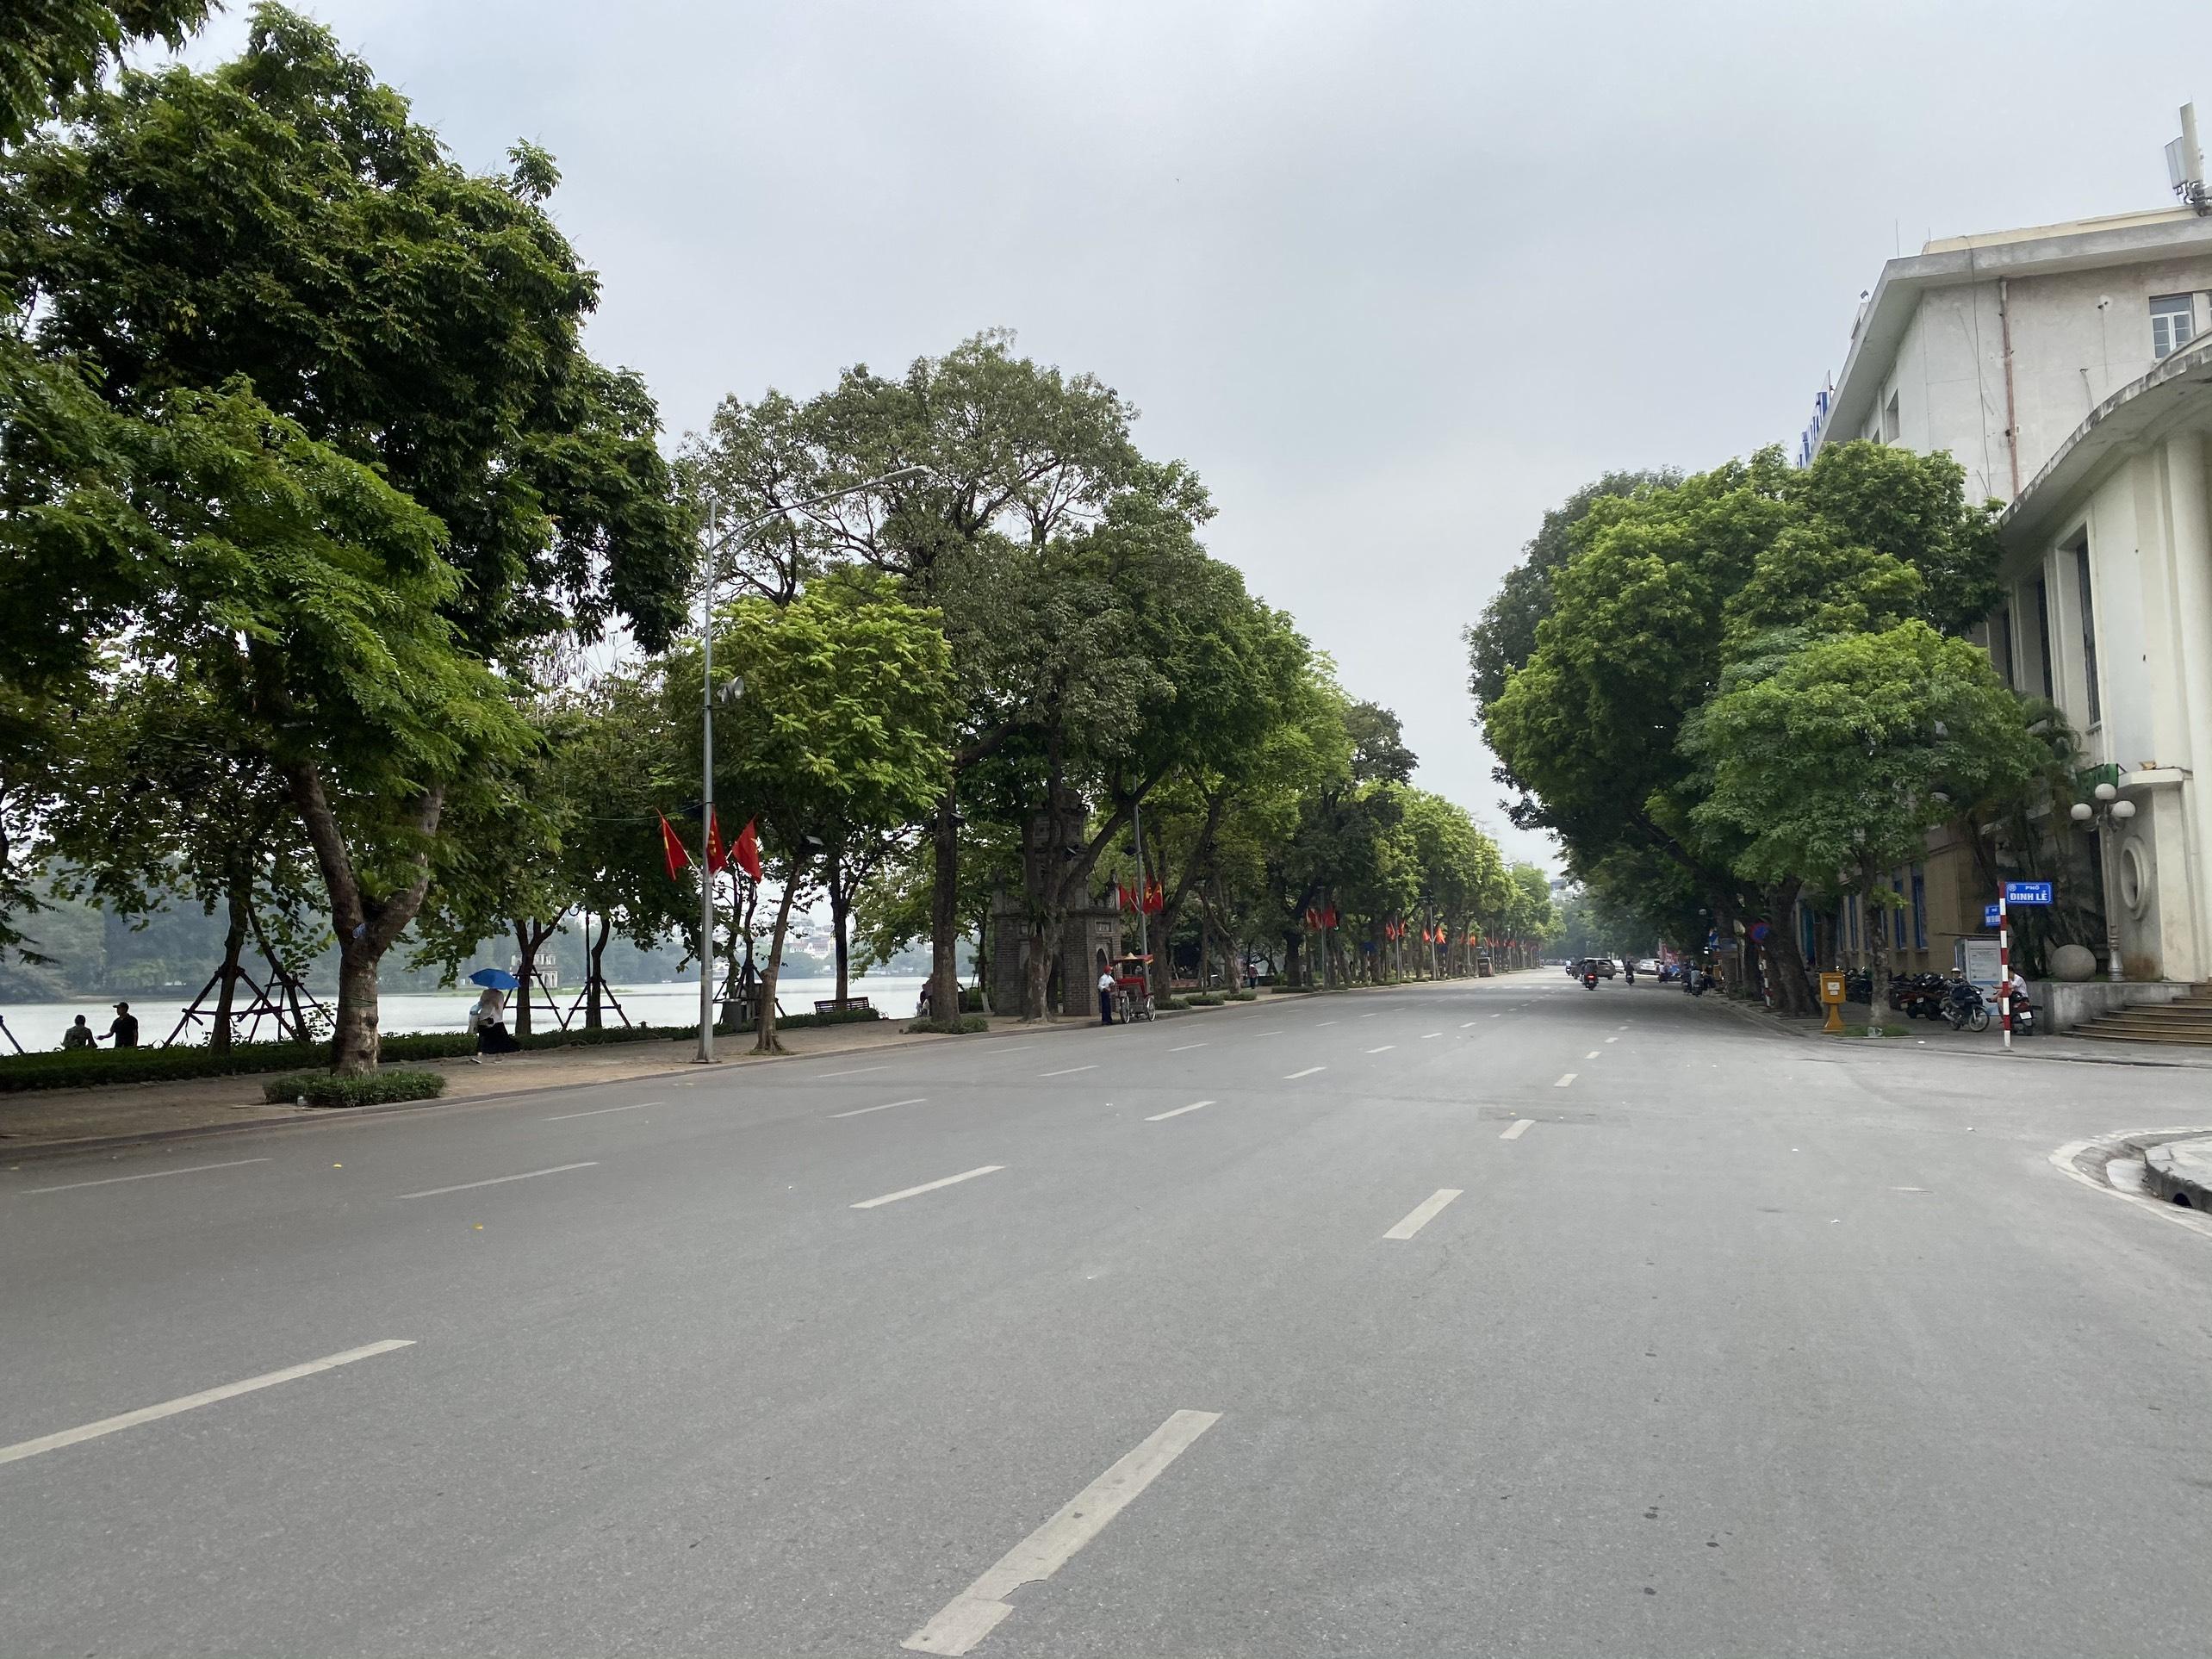 Mở cửa trở lại, một số điểm tham quan tại Hà Nội vẫn vắng khách du lịch - Ảnh 13.